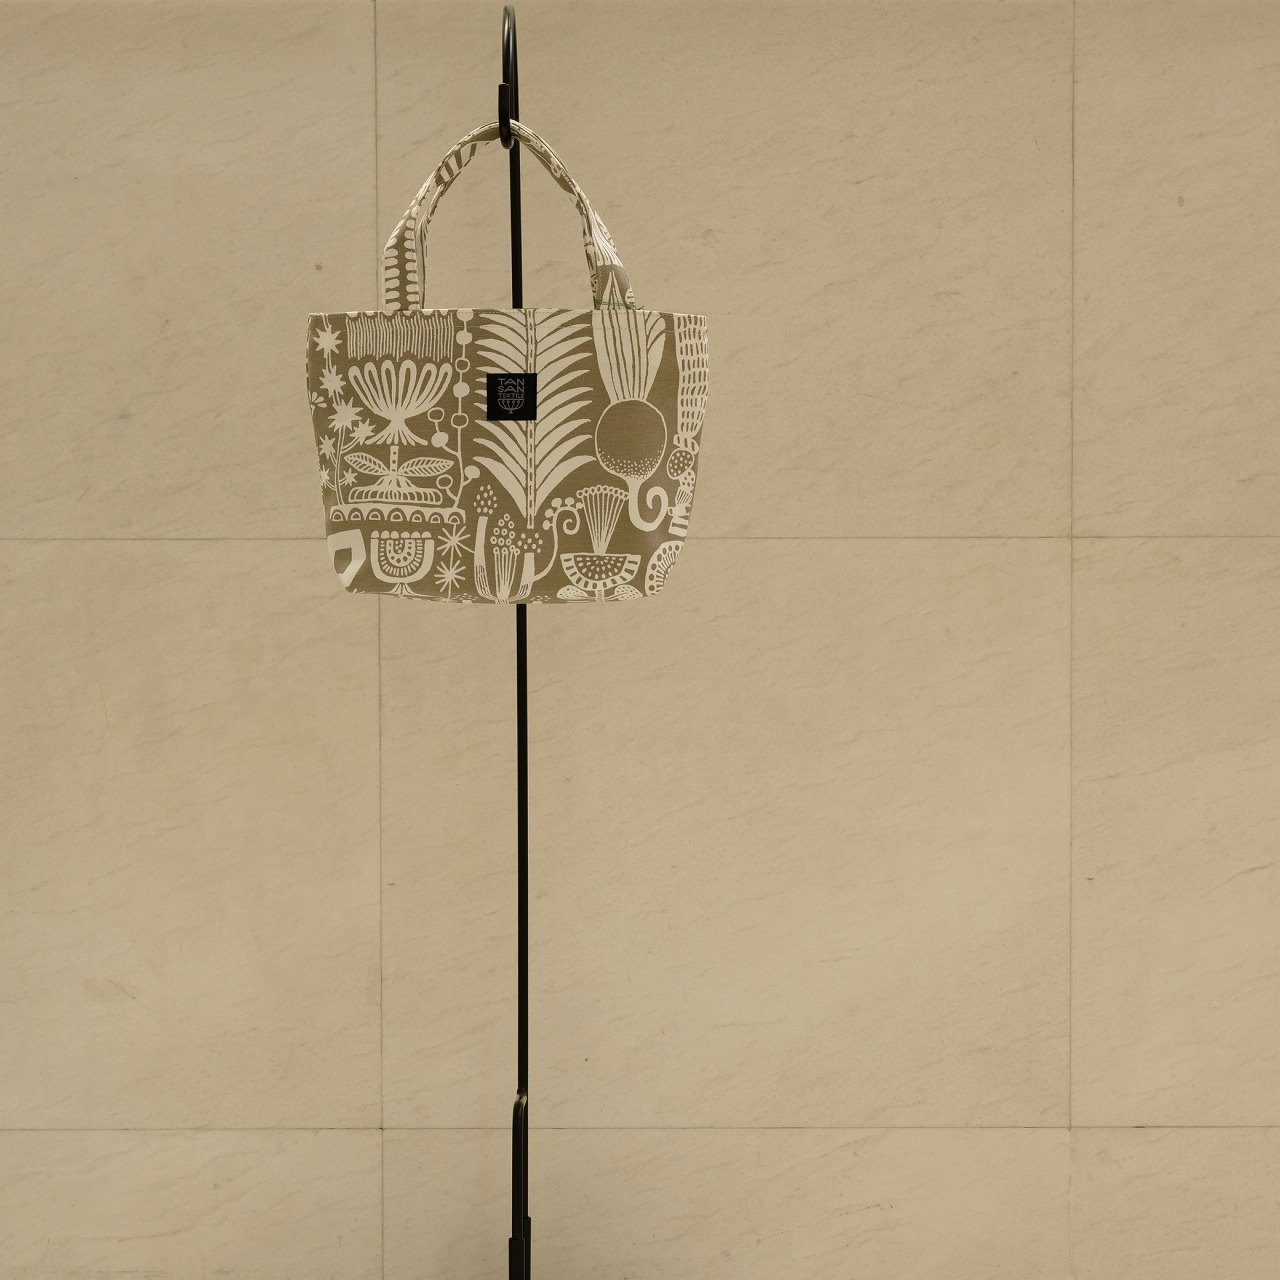 炭酸デザイン室 オンライン展示会 ランチトートバッグ_d0182409_17274892.jpg